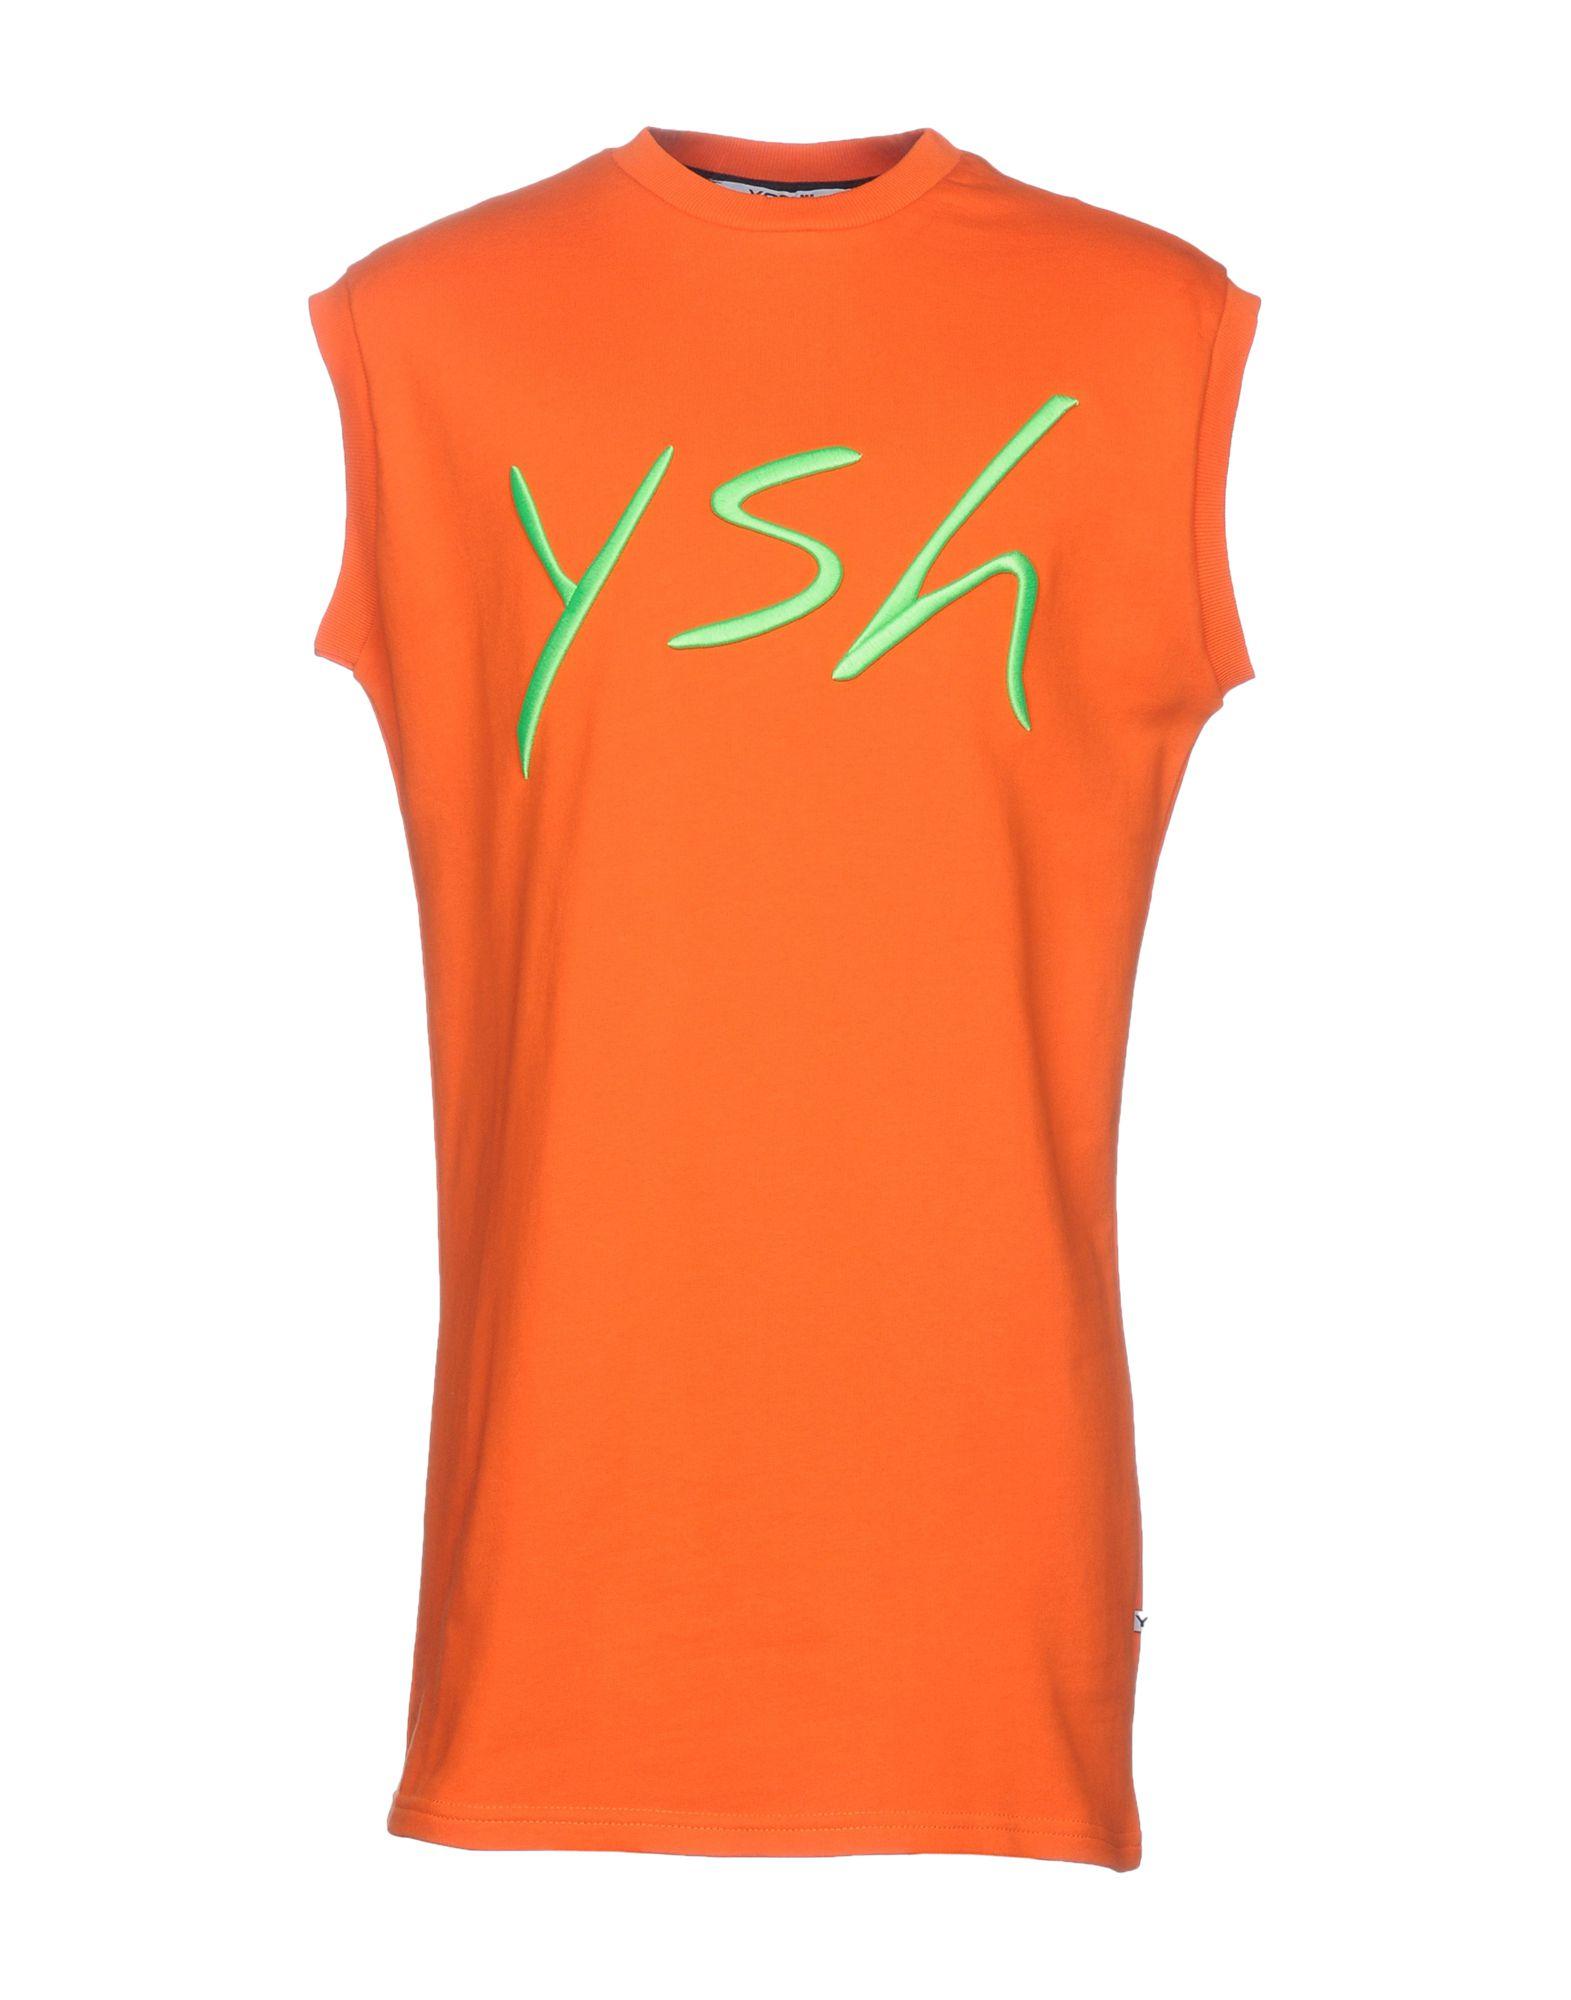 《送料無料》YOSHII メンズ スウェットシャツ オレンジ S コットン 100%